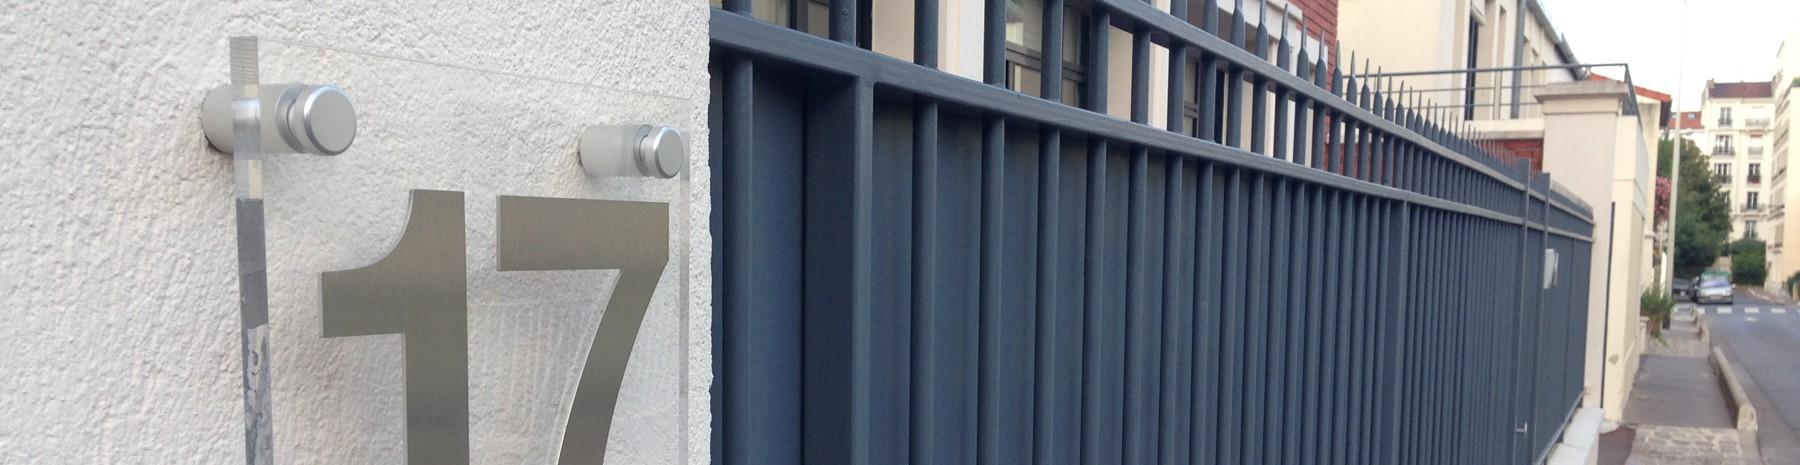 Fixation murale vissée (entretoise) pour la signalétique